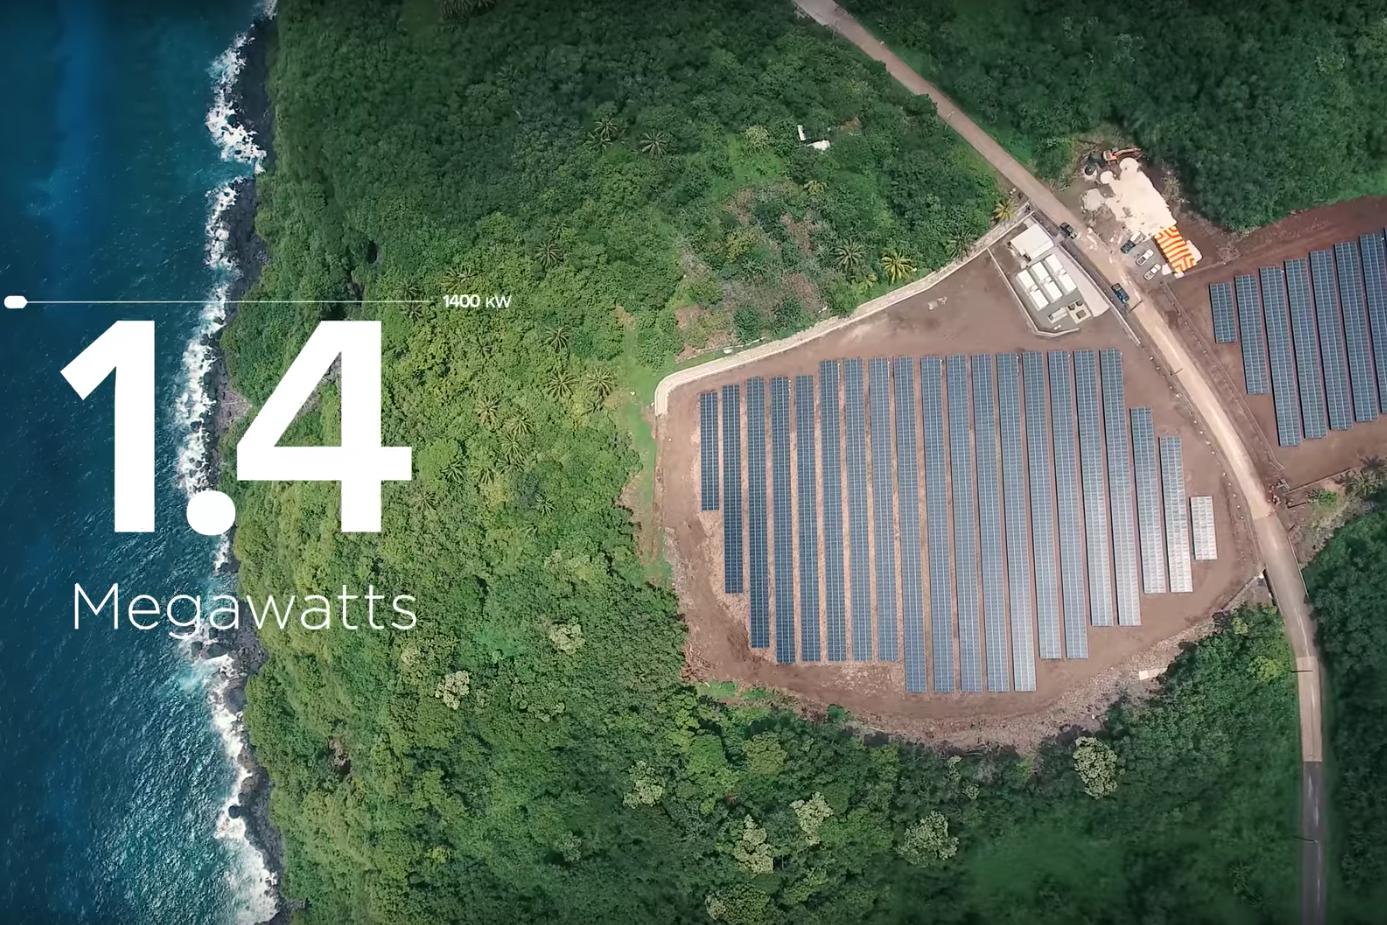 Tesla flips switch to power U.S. island entirely with solar energy